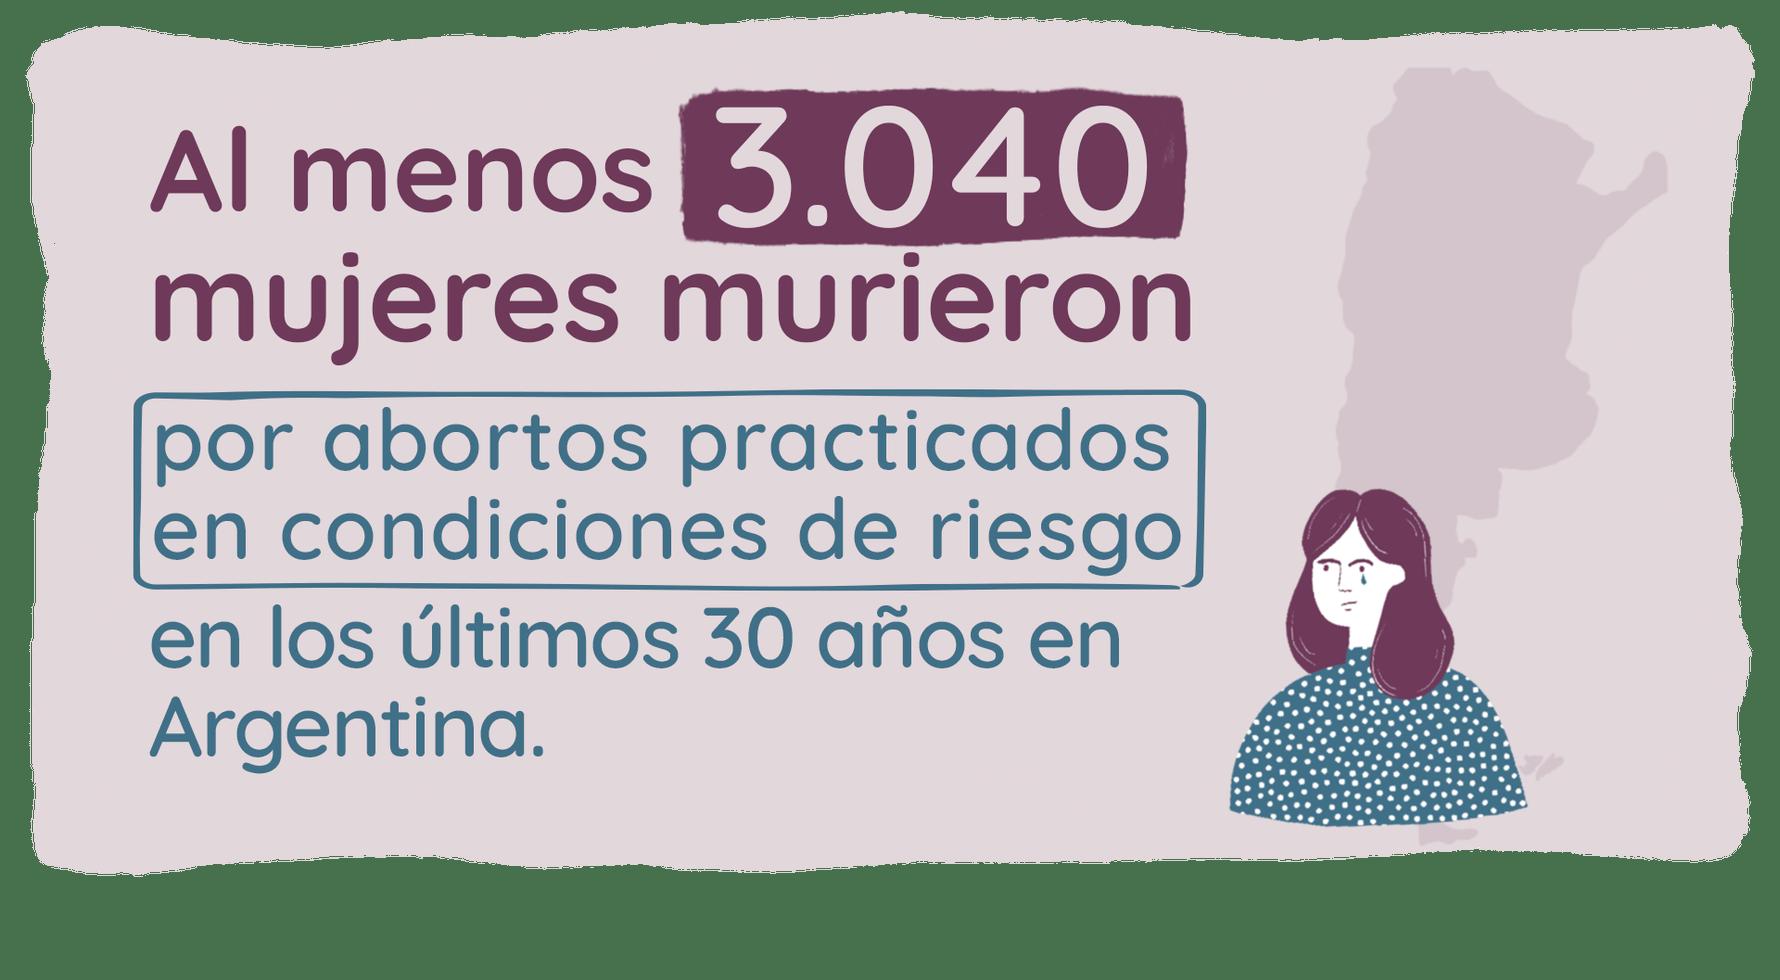 Estadísticas sobre la cantidad de abortos en Argentina